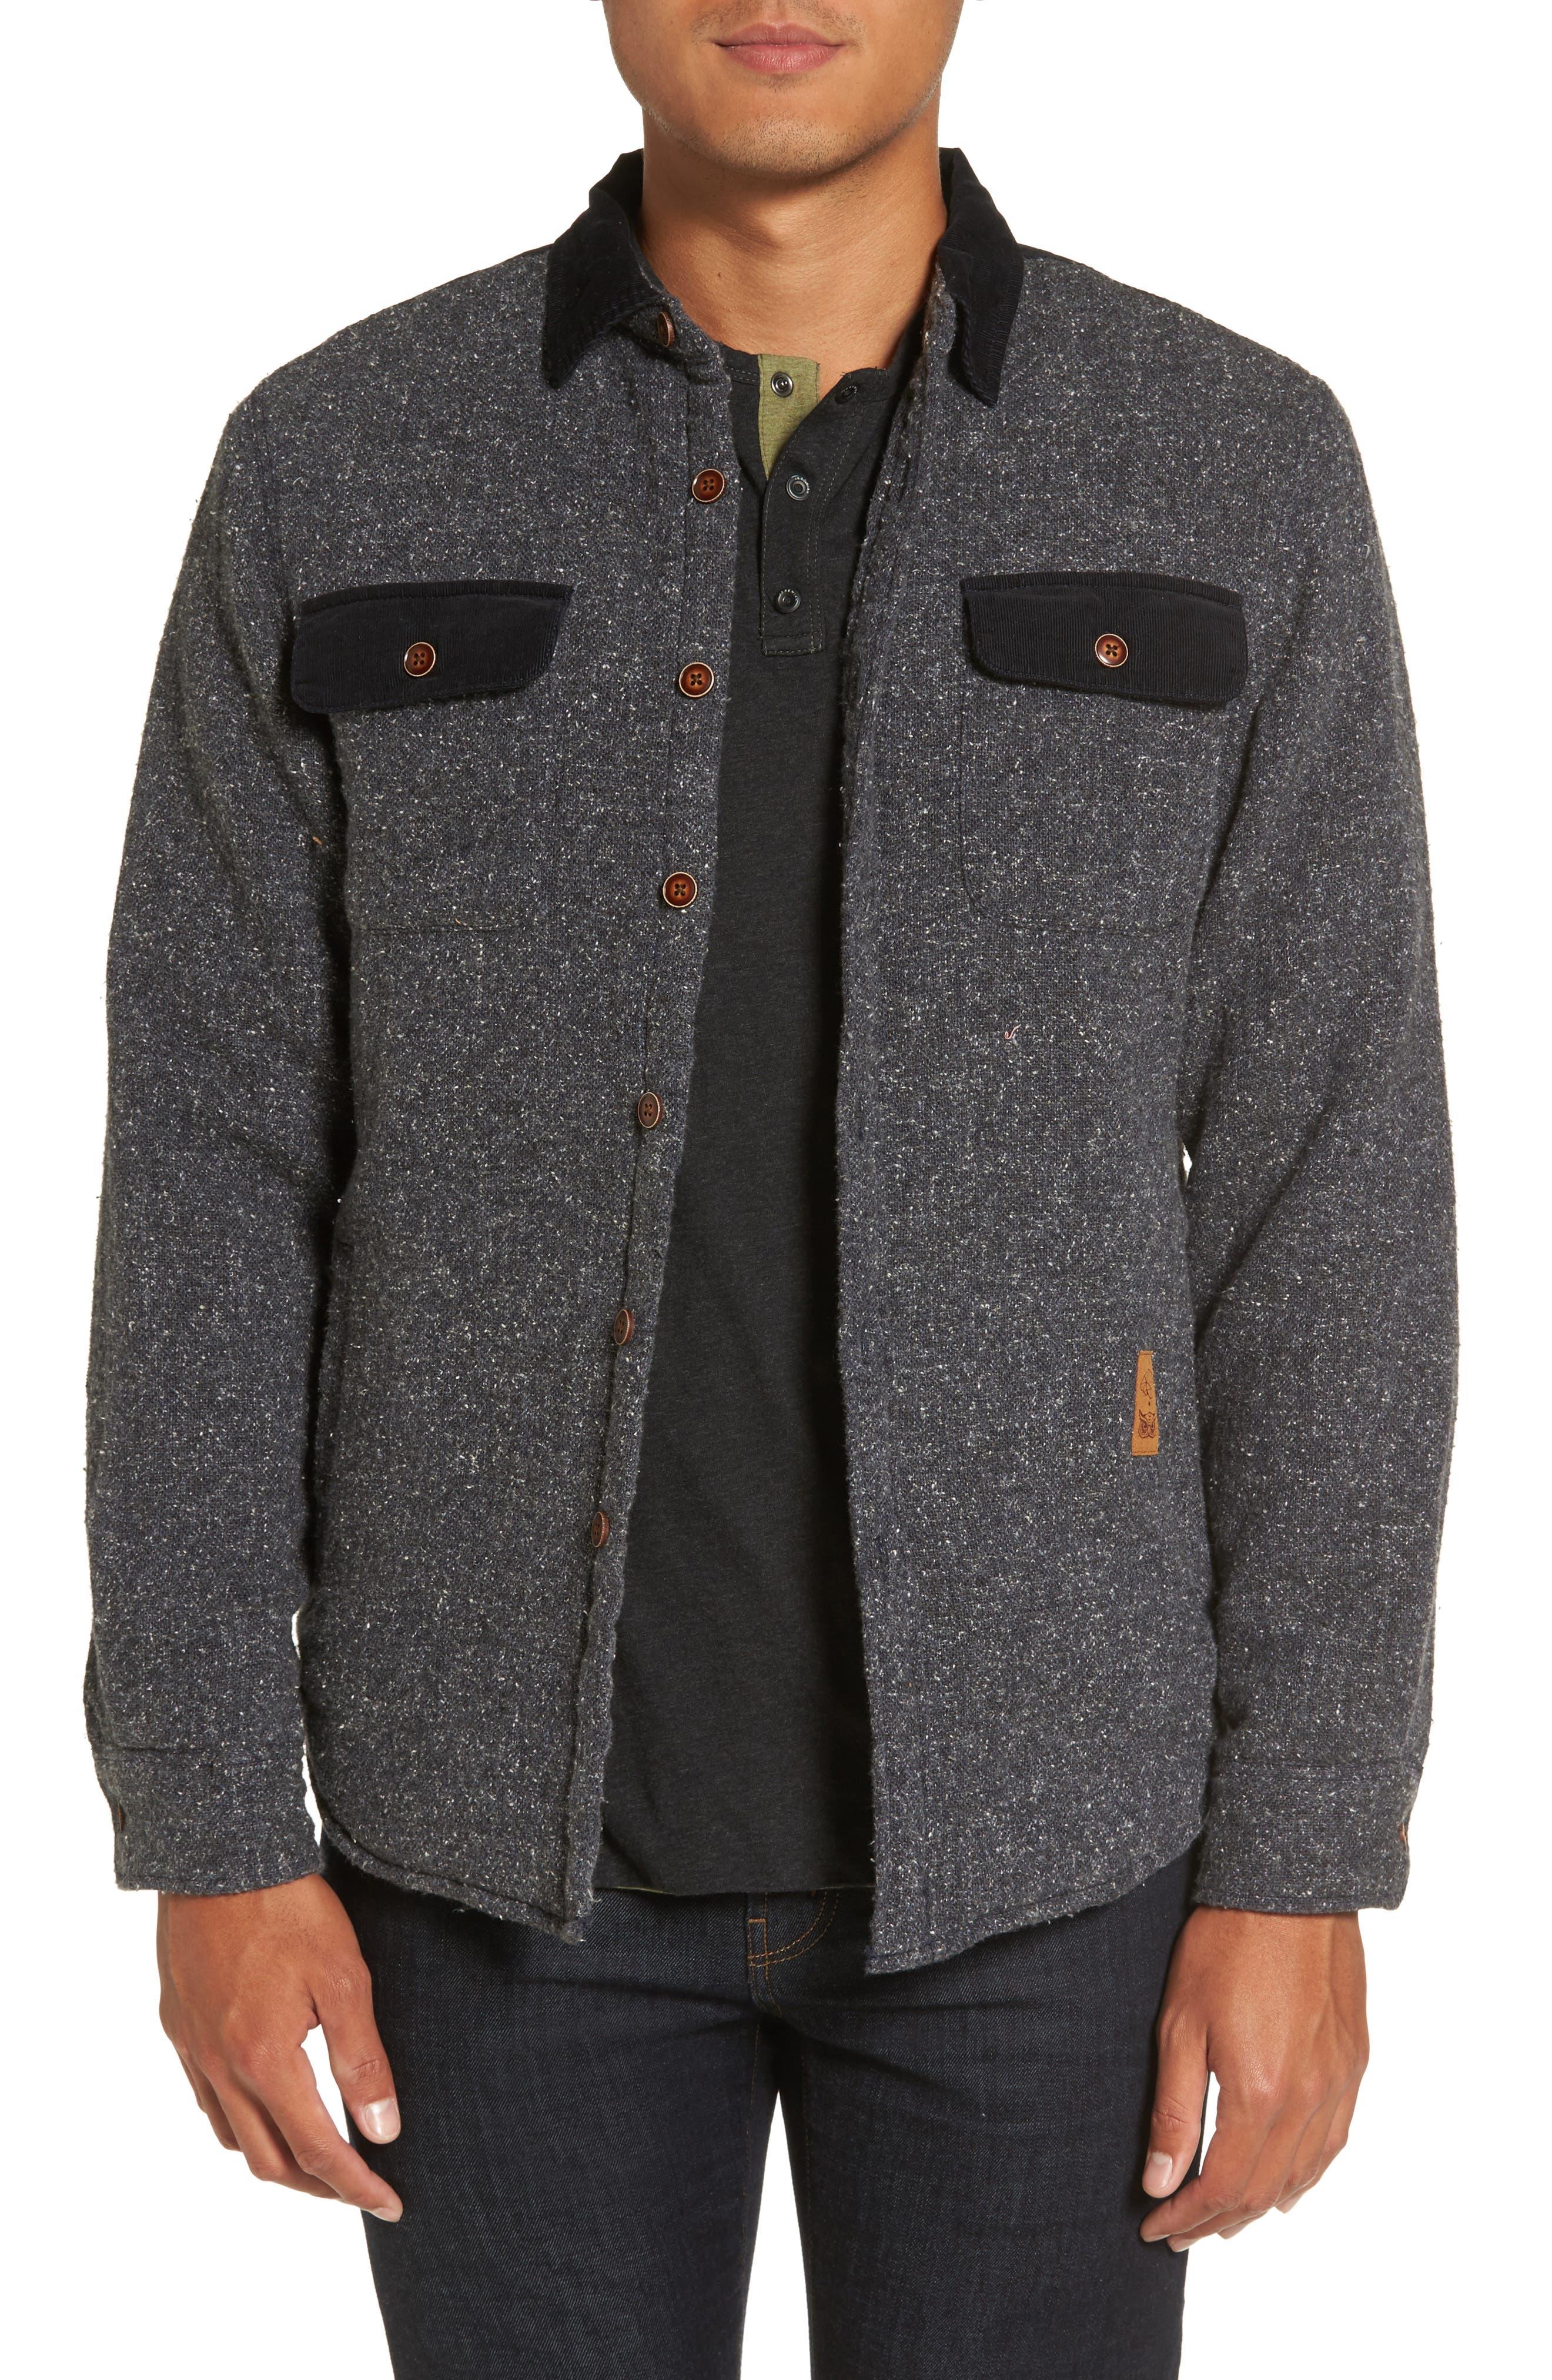 Main Image - Nifty Genius CPO Shirt Jacket